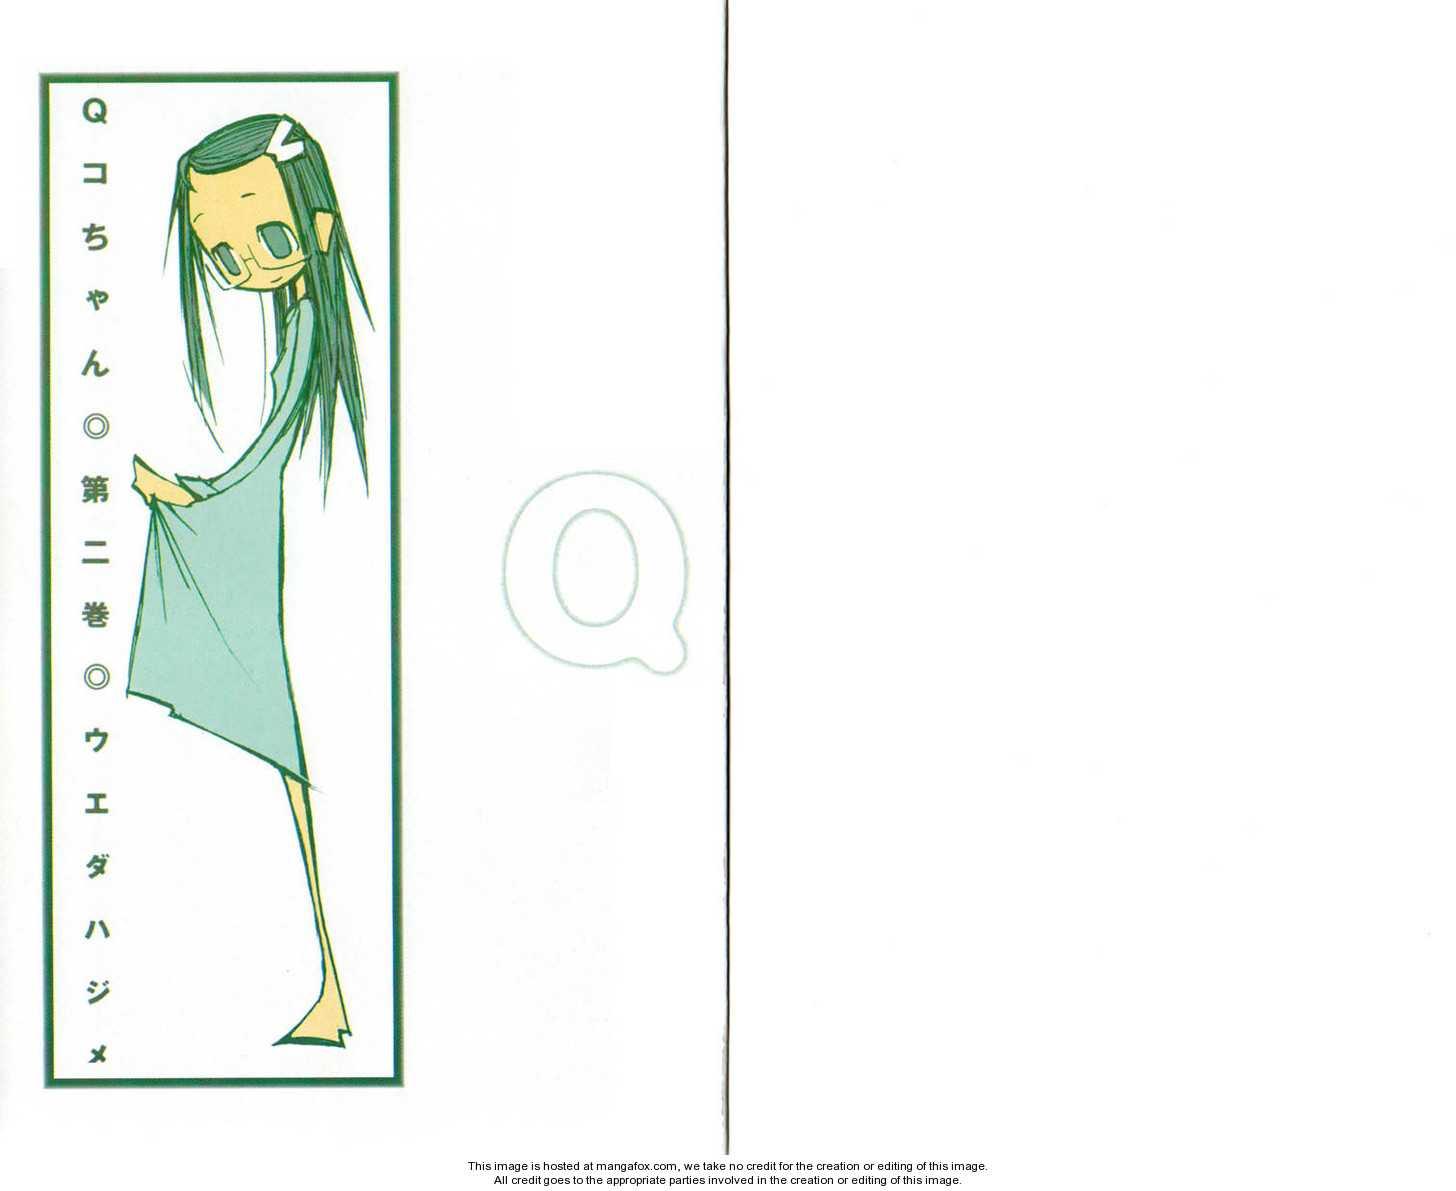 Q-ko-chan the Chikyuu Shinryaku Shoujo 0 Page 2